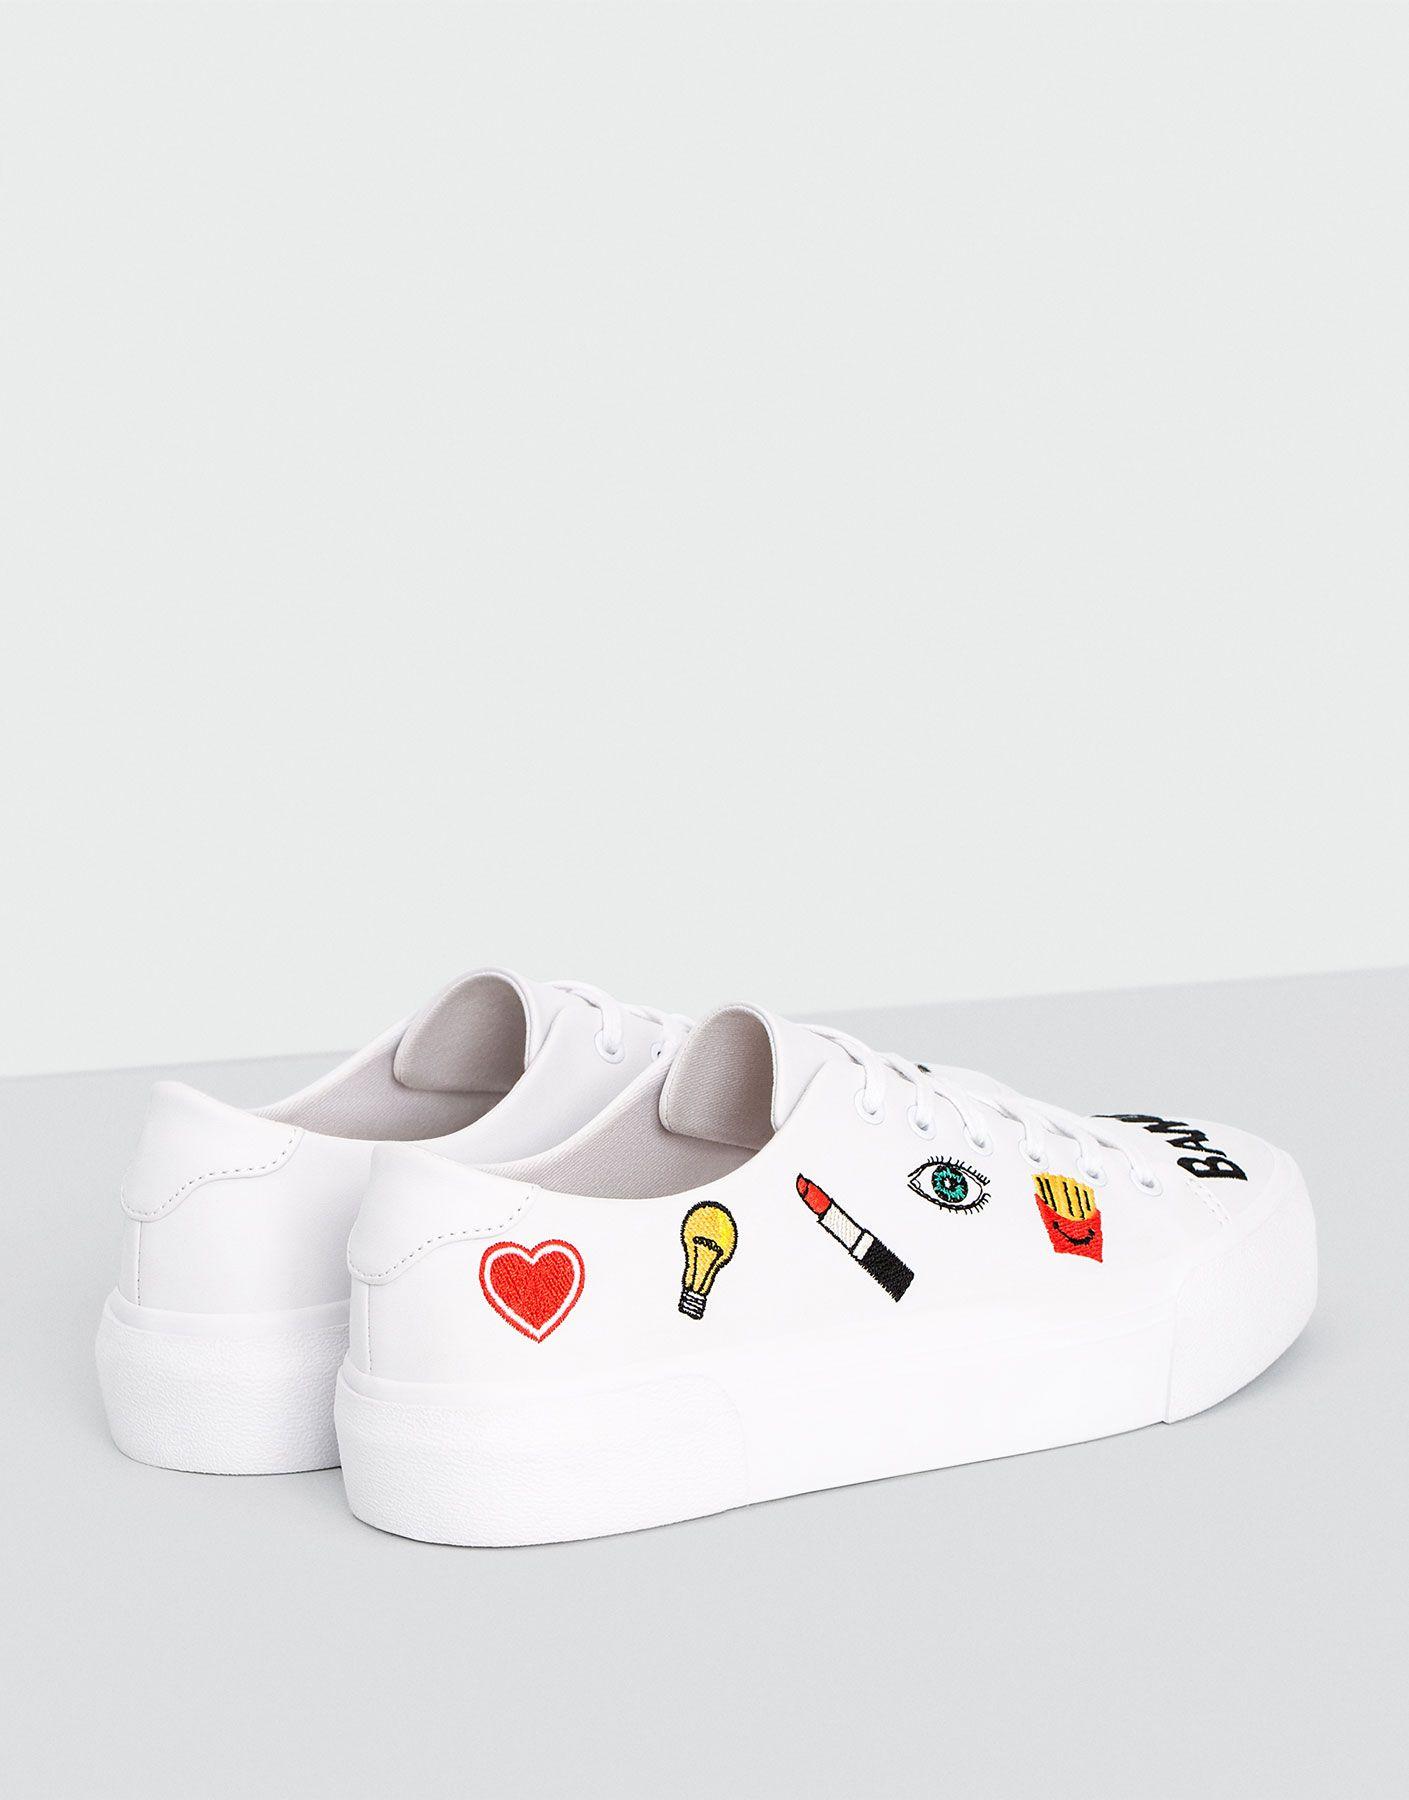 Bamba parches blanca Zapatillas Calzado Mujer